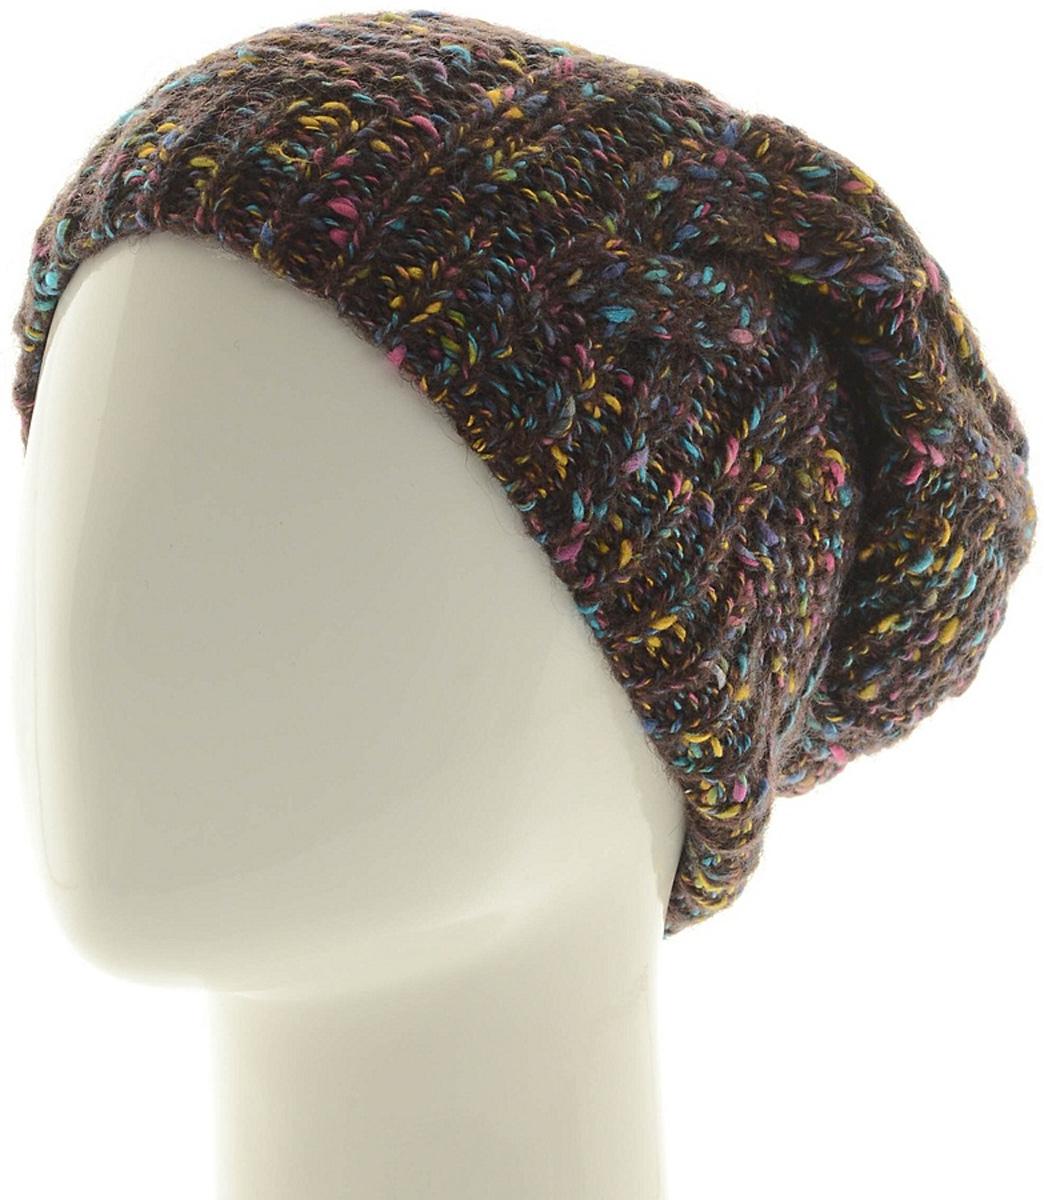 Шапка женская Marhatter, цвет: коричневый. Размер 56/58. MWH6875/2MWH6875/2Стильная шапка, выполнена из высококачественной пряжи. Модель очень актуальна для тех, кто ценит комфорт, стиль и красоту. Отличный вариант на каждый день.